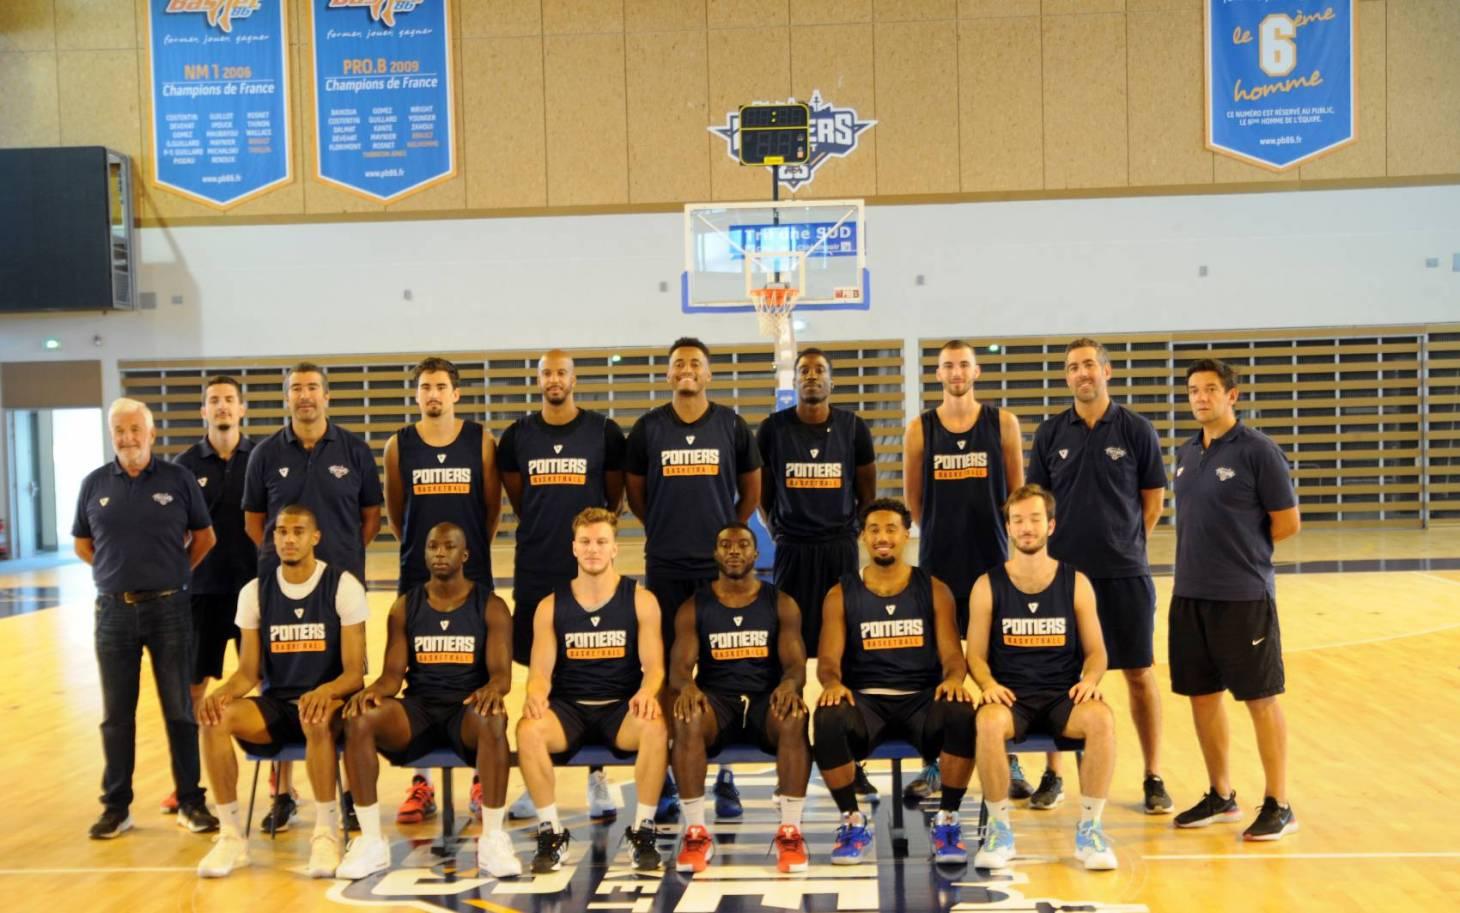 Basket - Le PB avance masqué